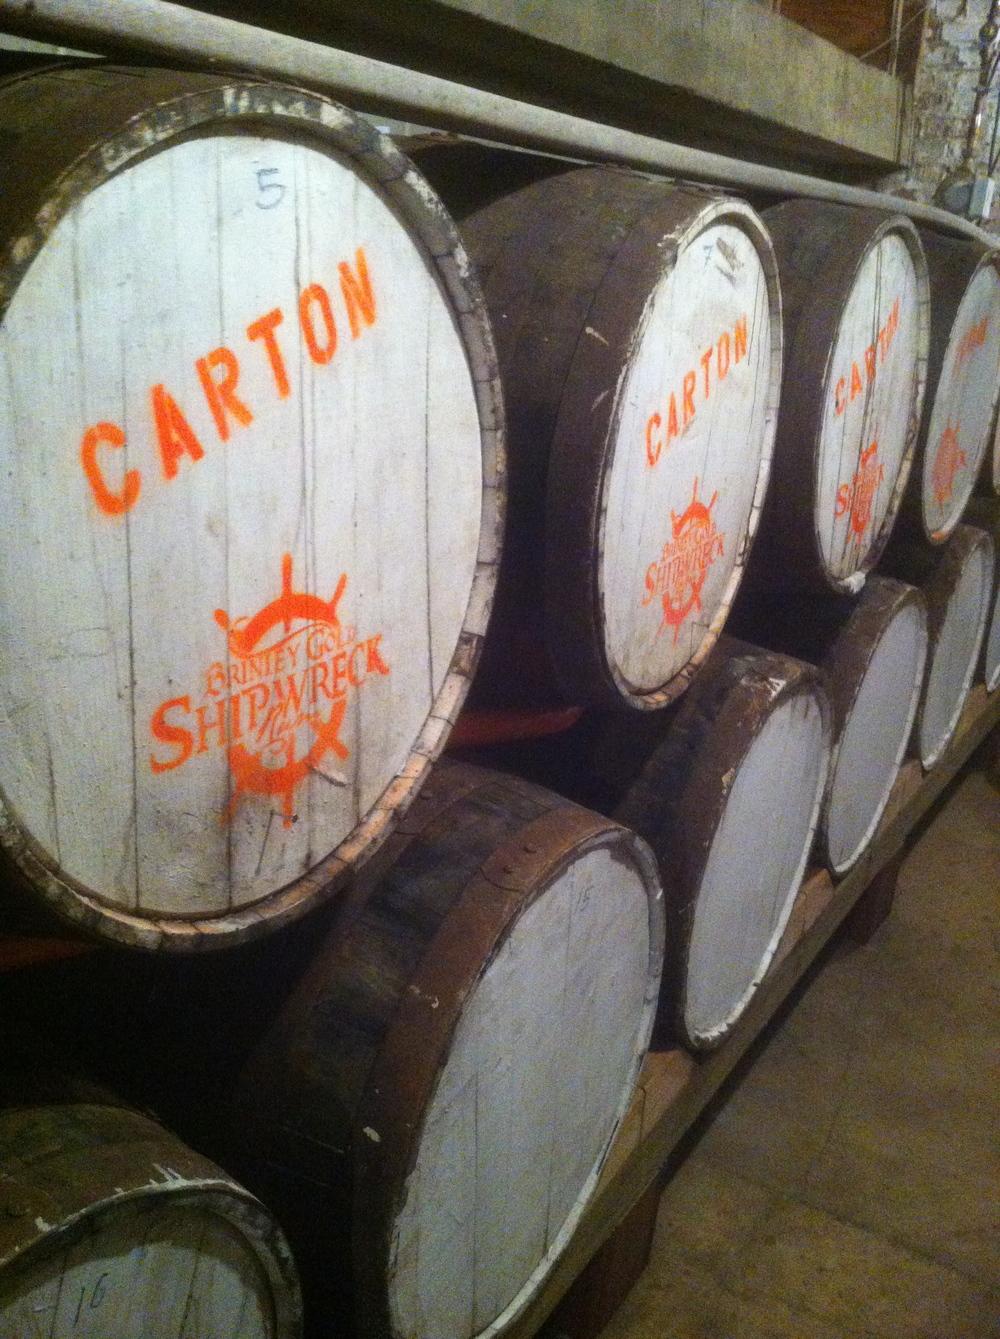 The barrels!